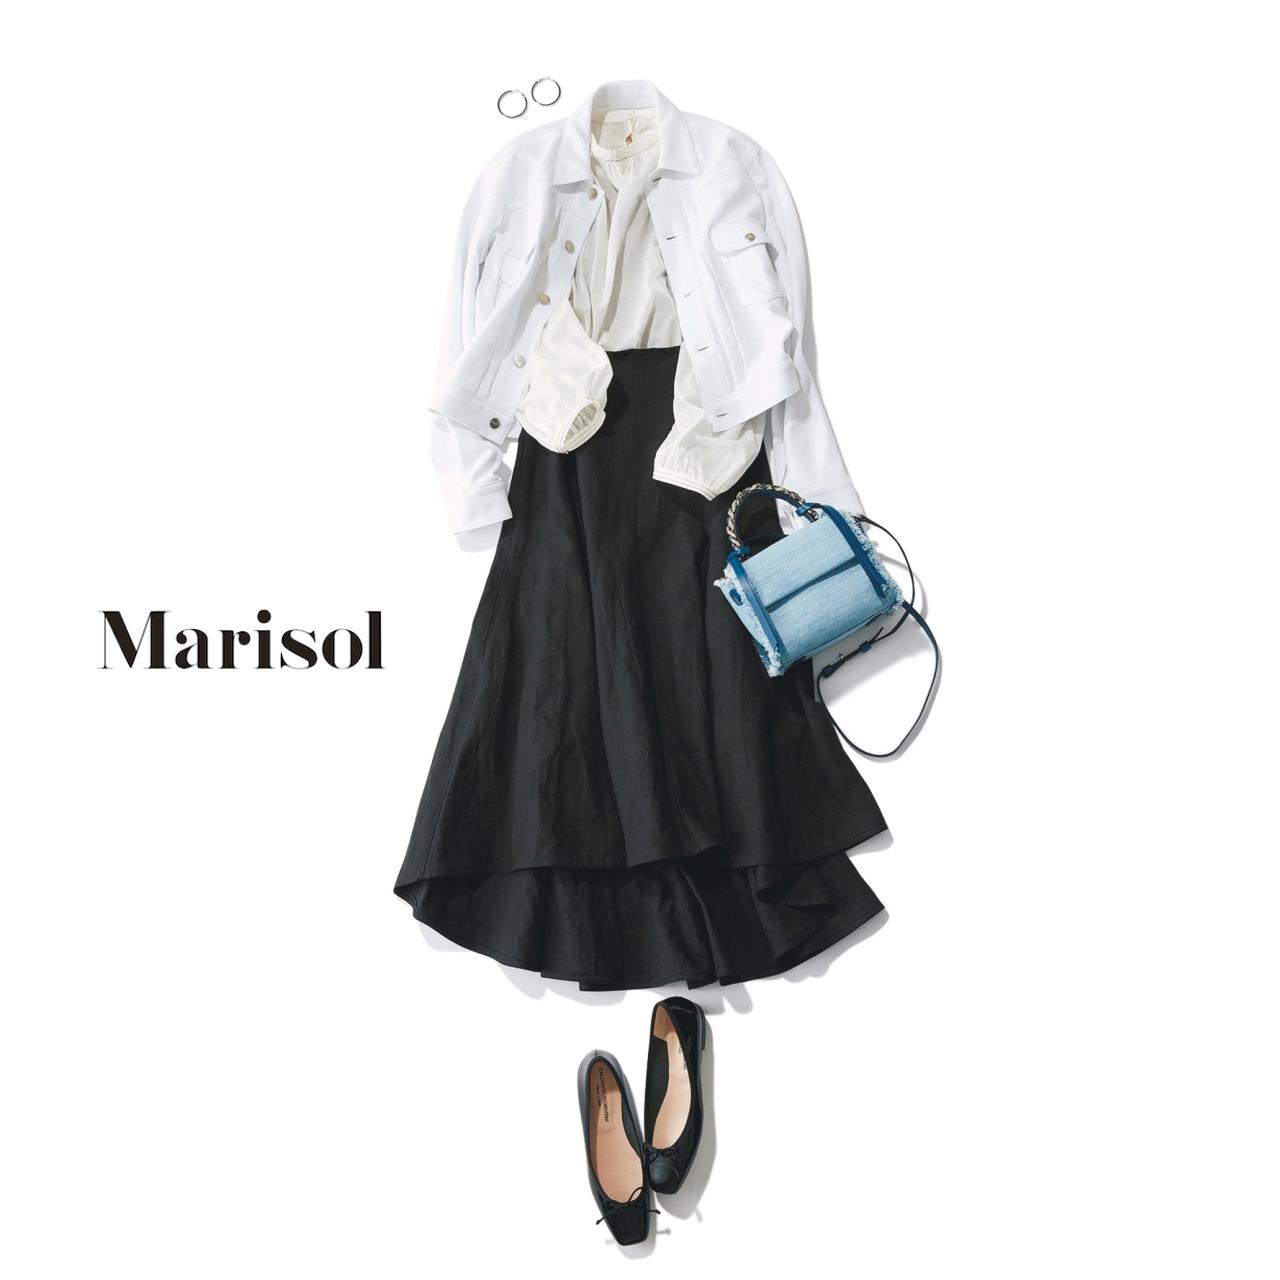 白ブラウス×黒スカートでモノトーンコーデ